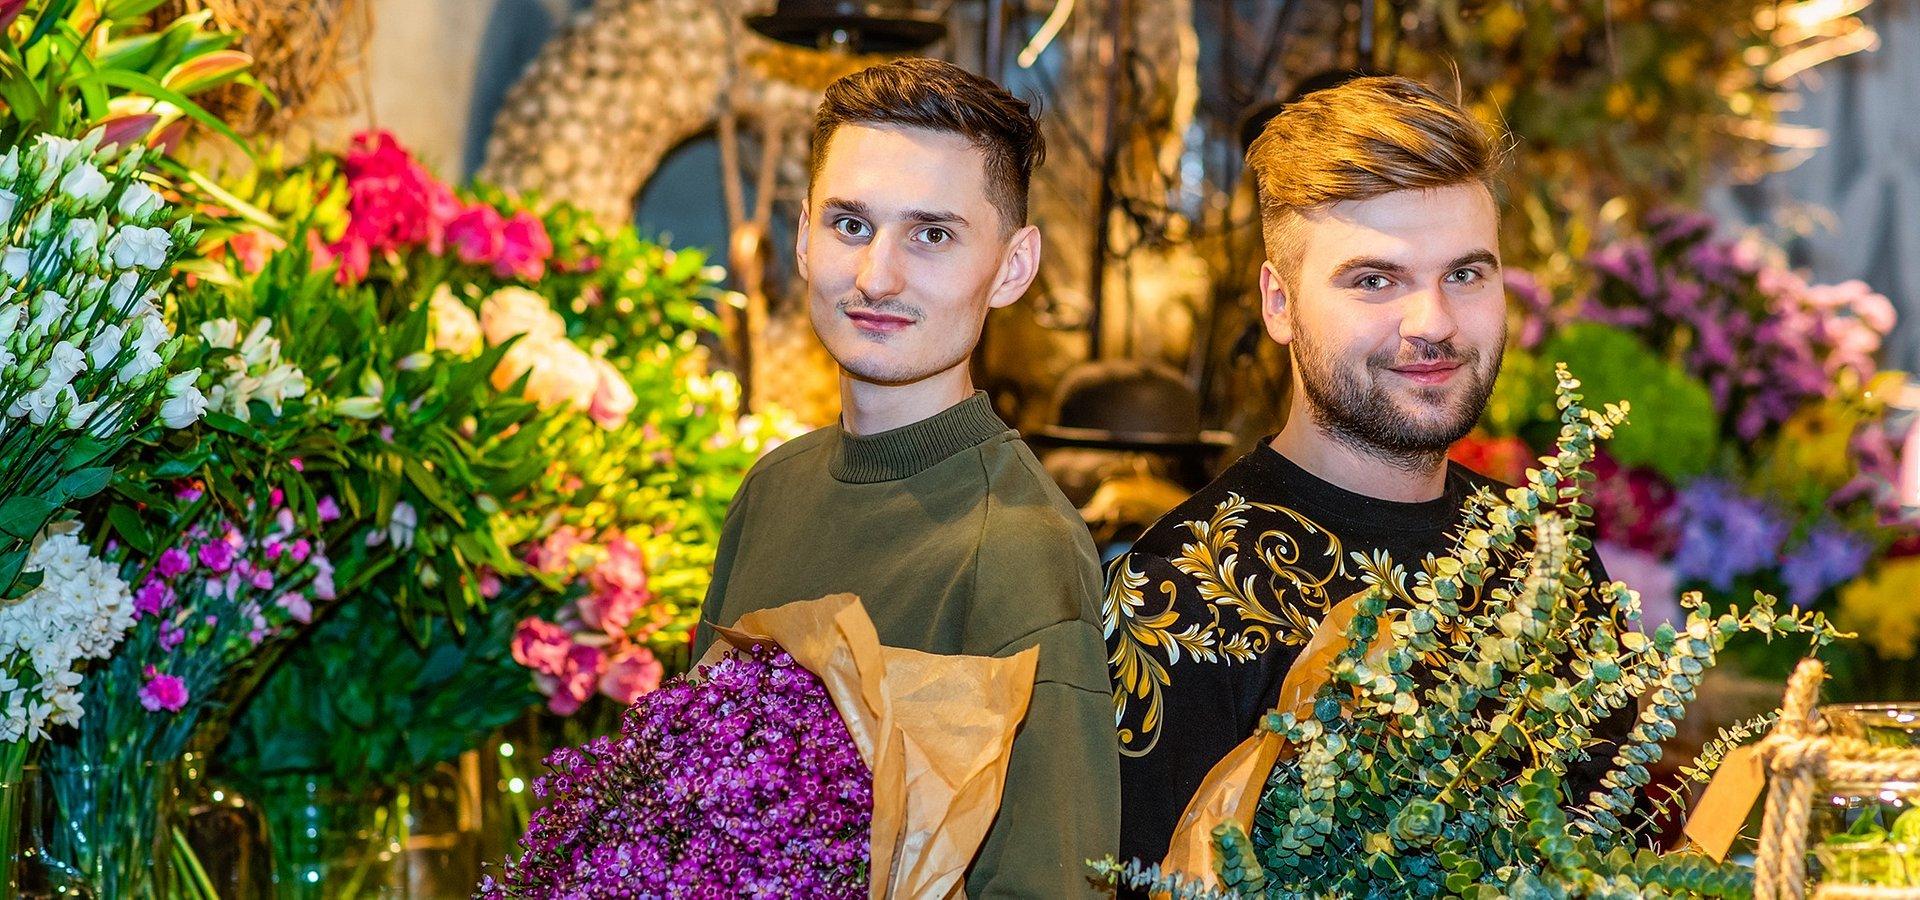 Badyle zazielenią się w Browarach Warszawskich. Wyjątkowe miejsce z kwiatami, sztuką i pyszną kawą zagości w Warszawie.